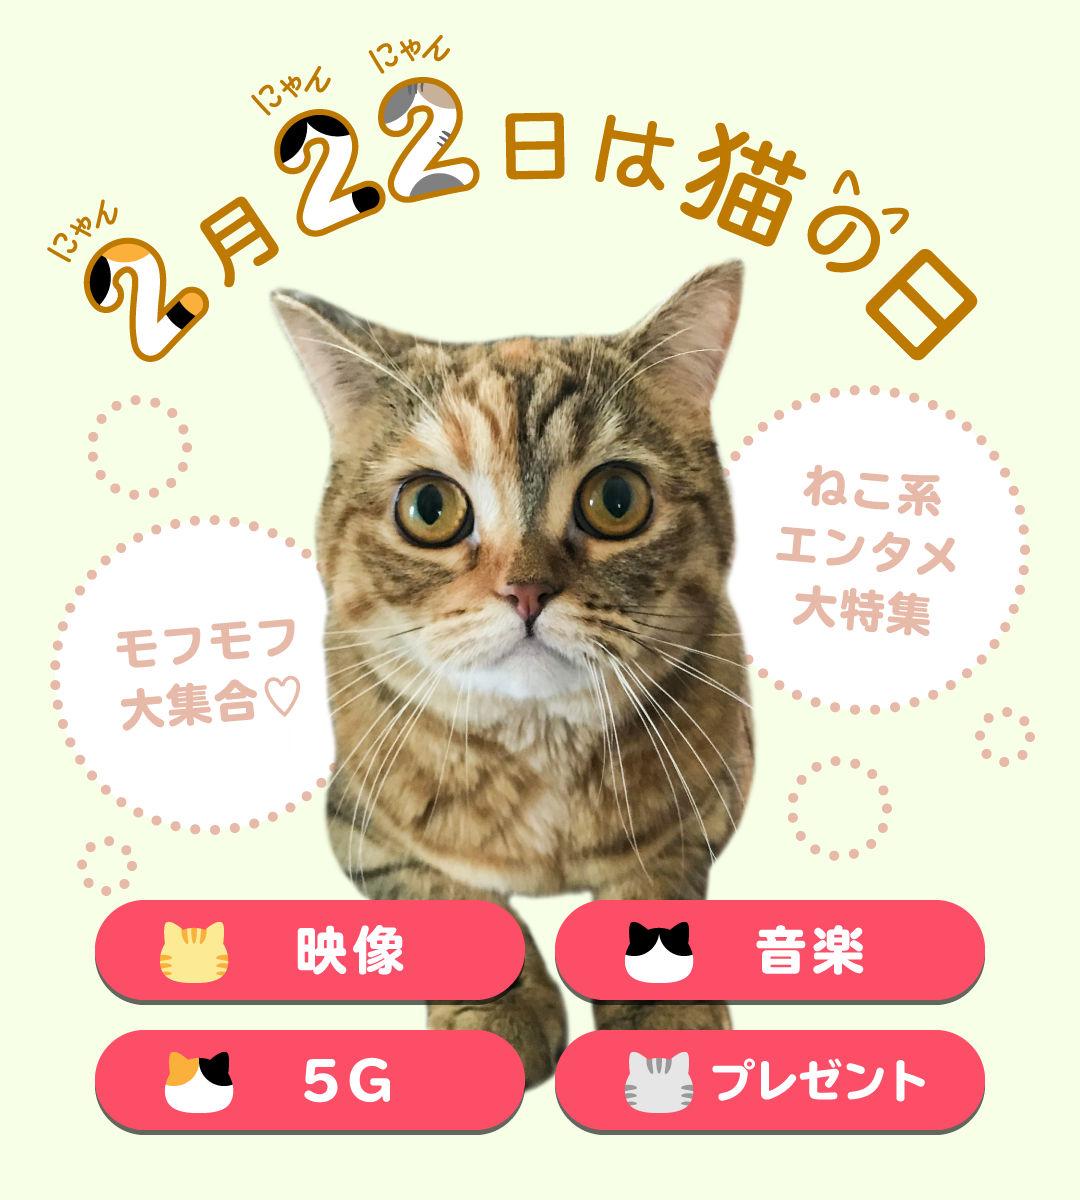 2月22日は猫の日! 猫が主役?!のエンタメ大特集|【エンタメ特集】au ...